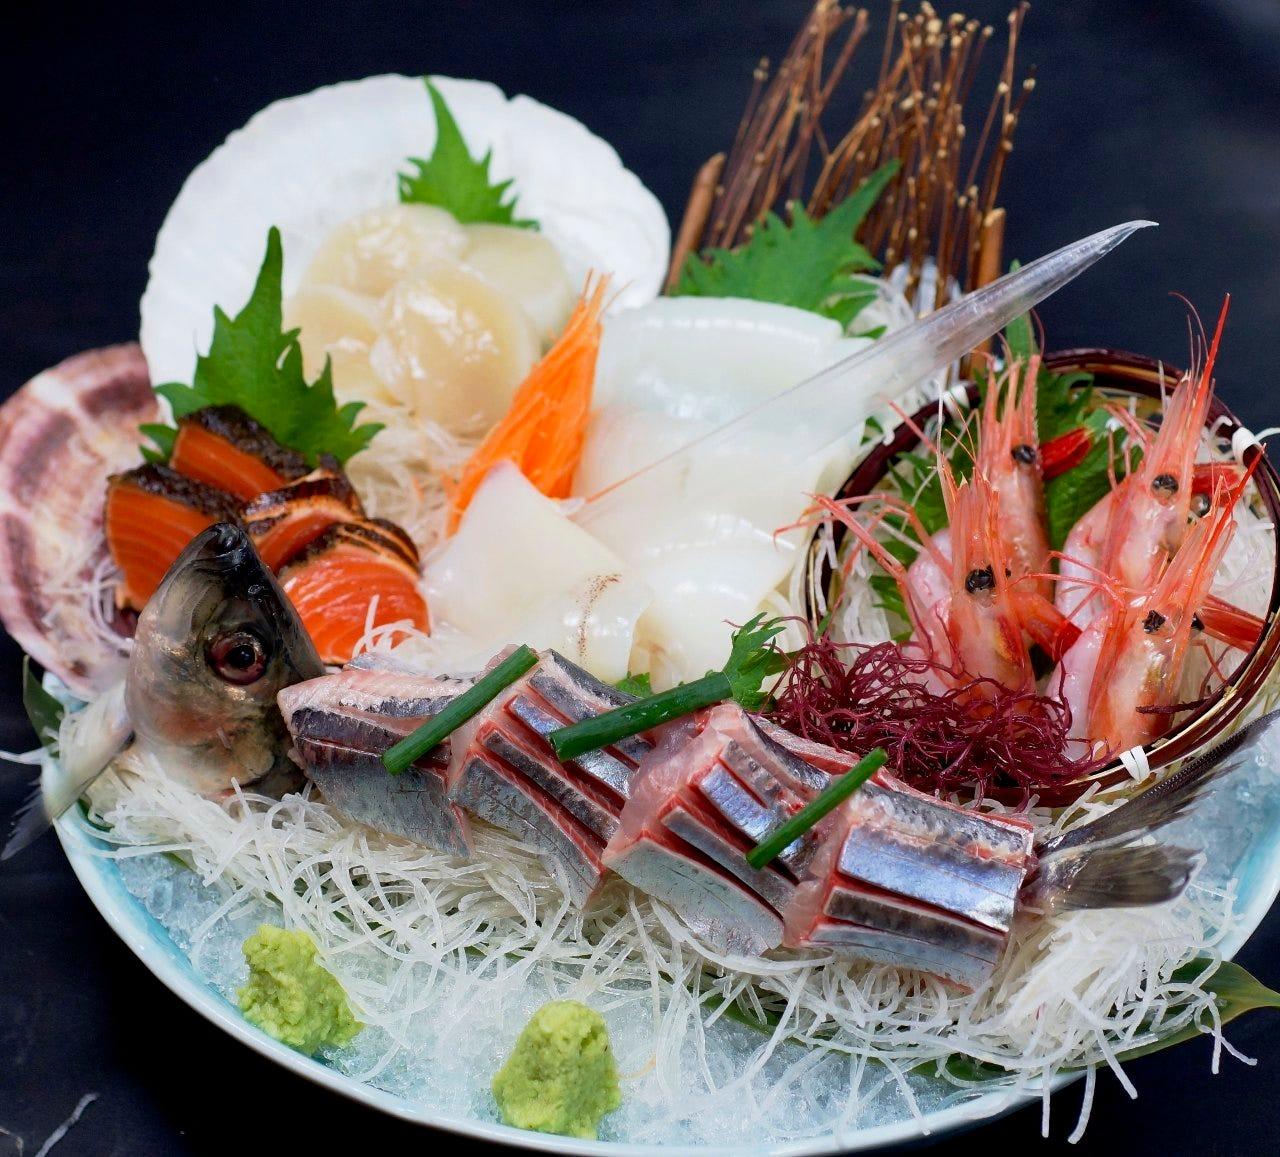 旬のお刺身盛り合わせ2,980円 季節の一番美味しいお刺身盛り